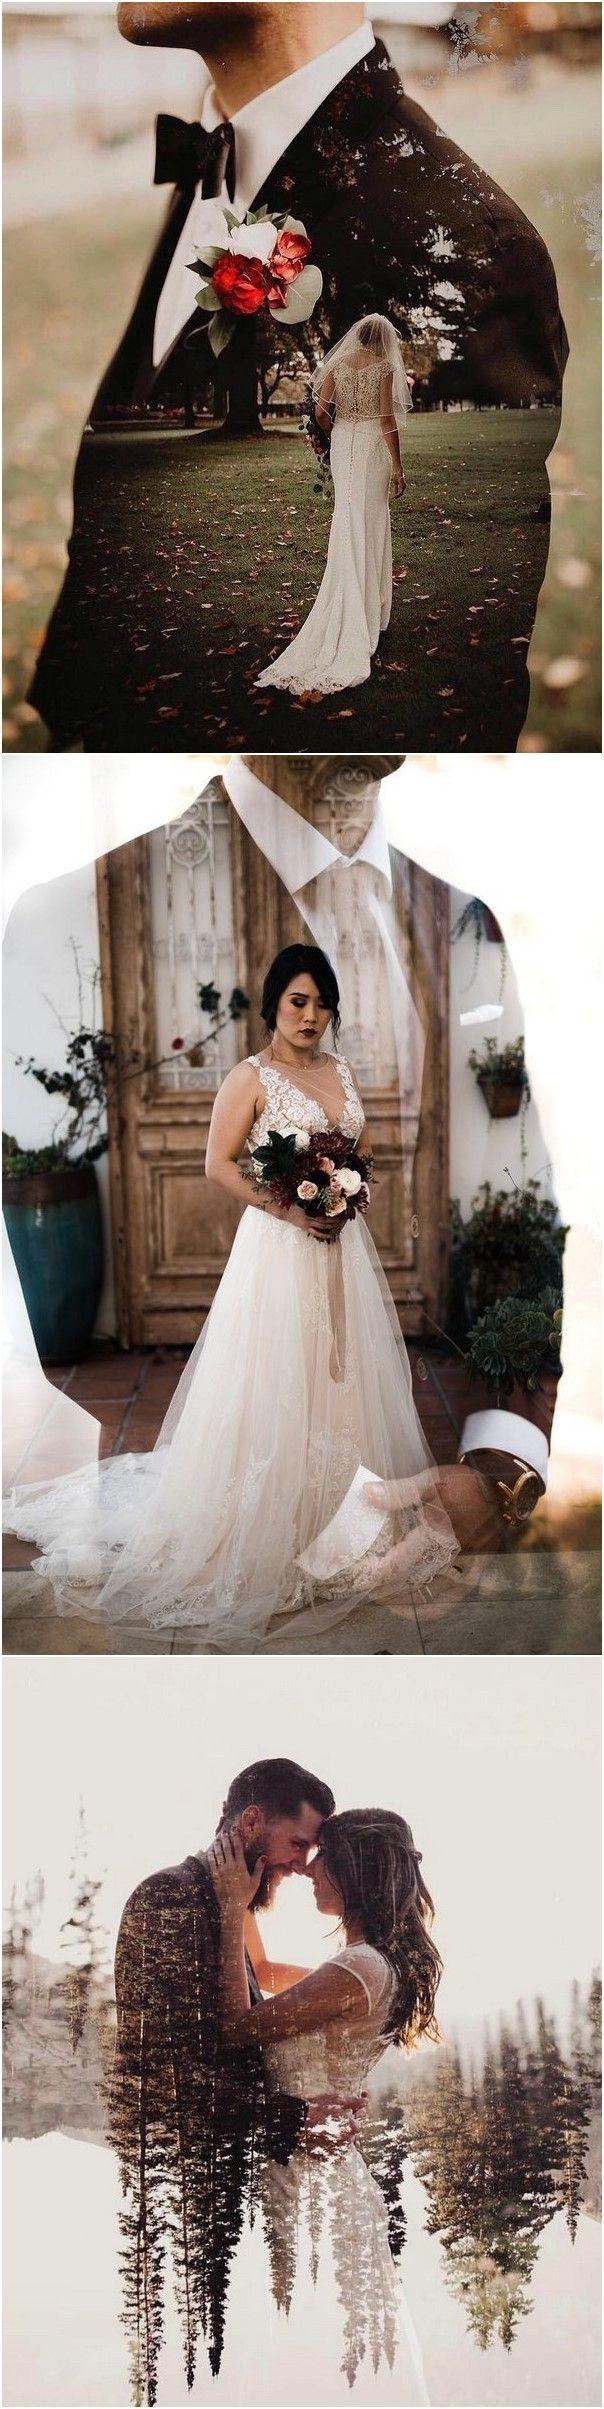 Doppelbelichtung Hochzeit Fotografie Ideen #hochzeit #hochzeiten #hochzeitsideen #foto